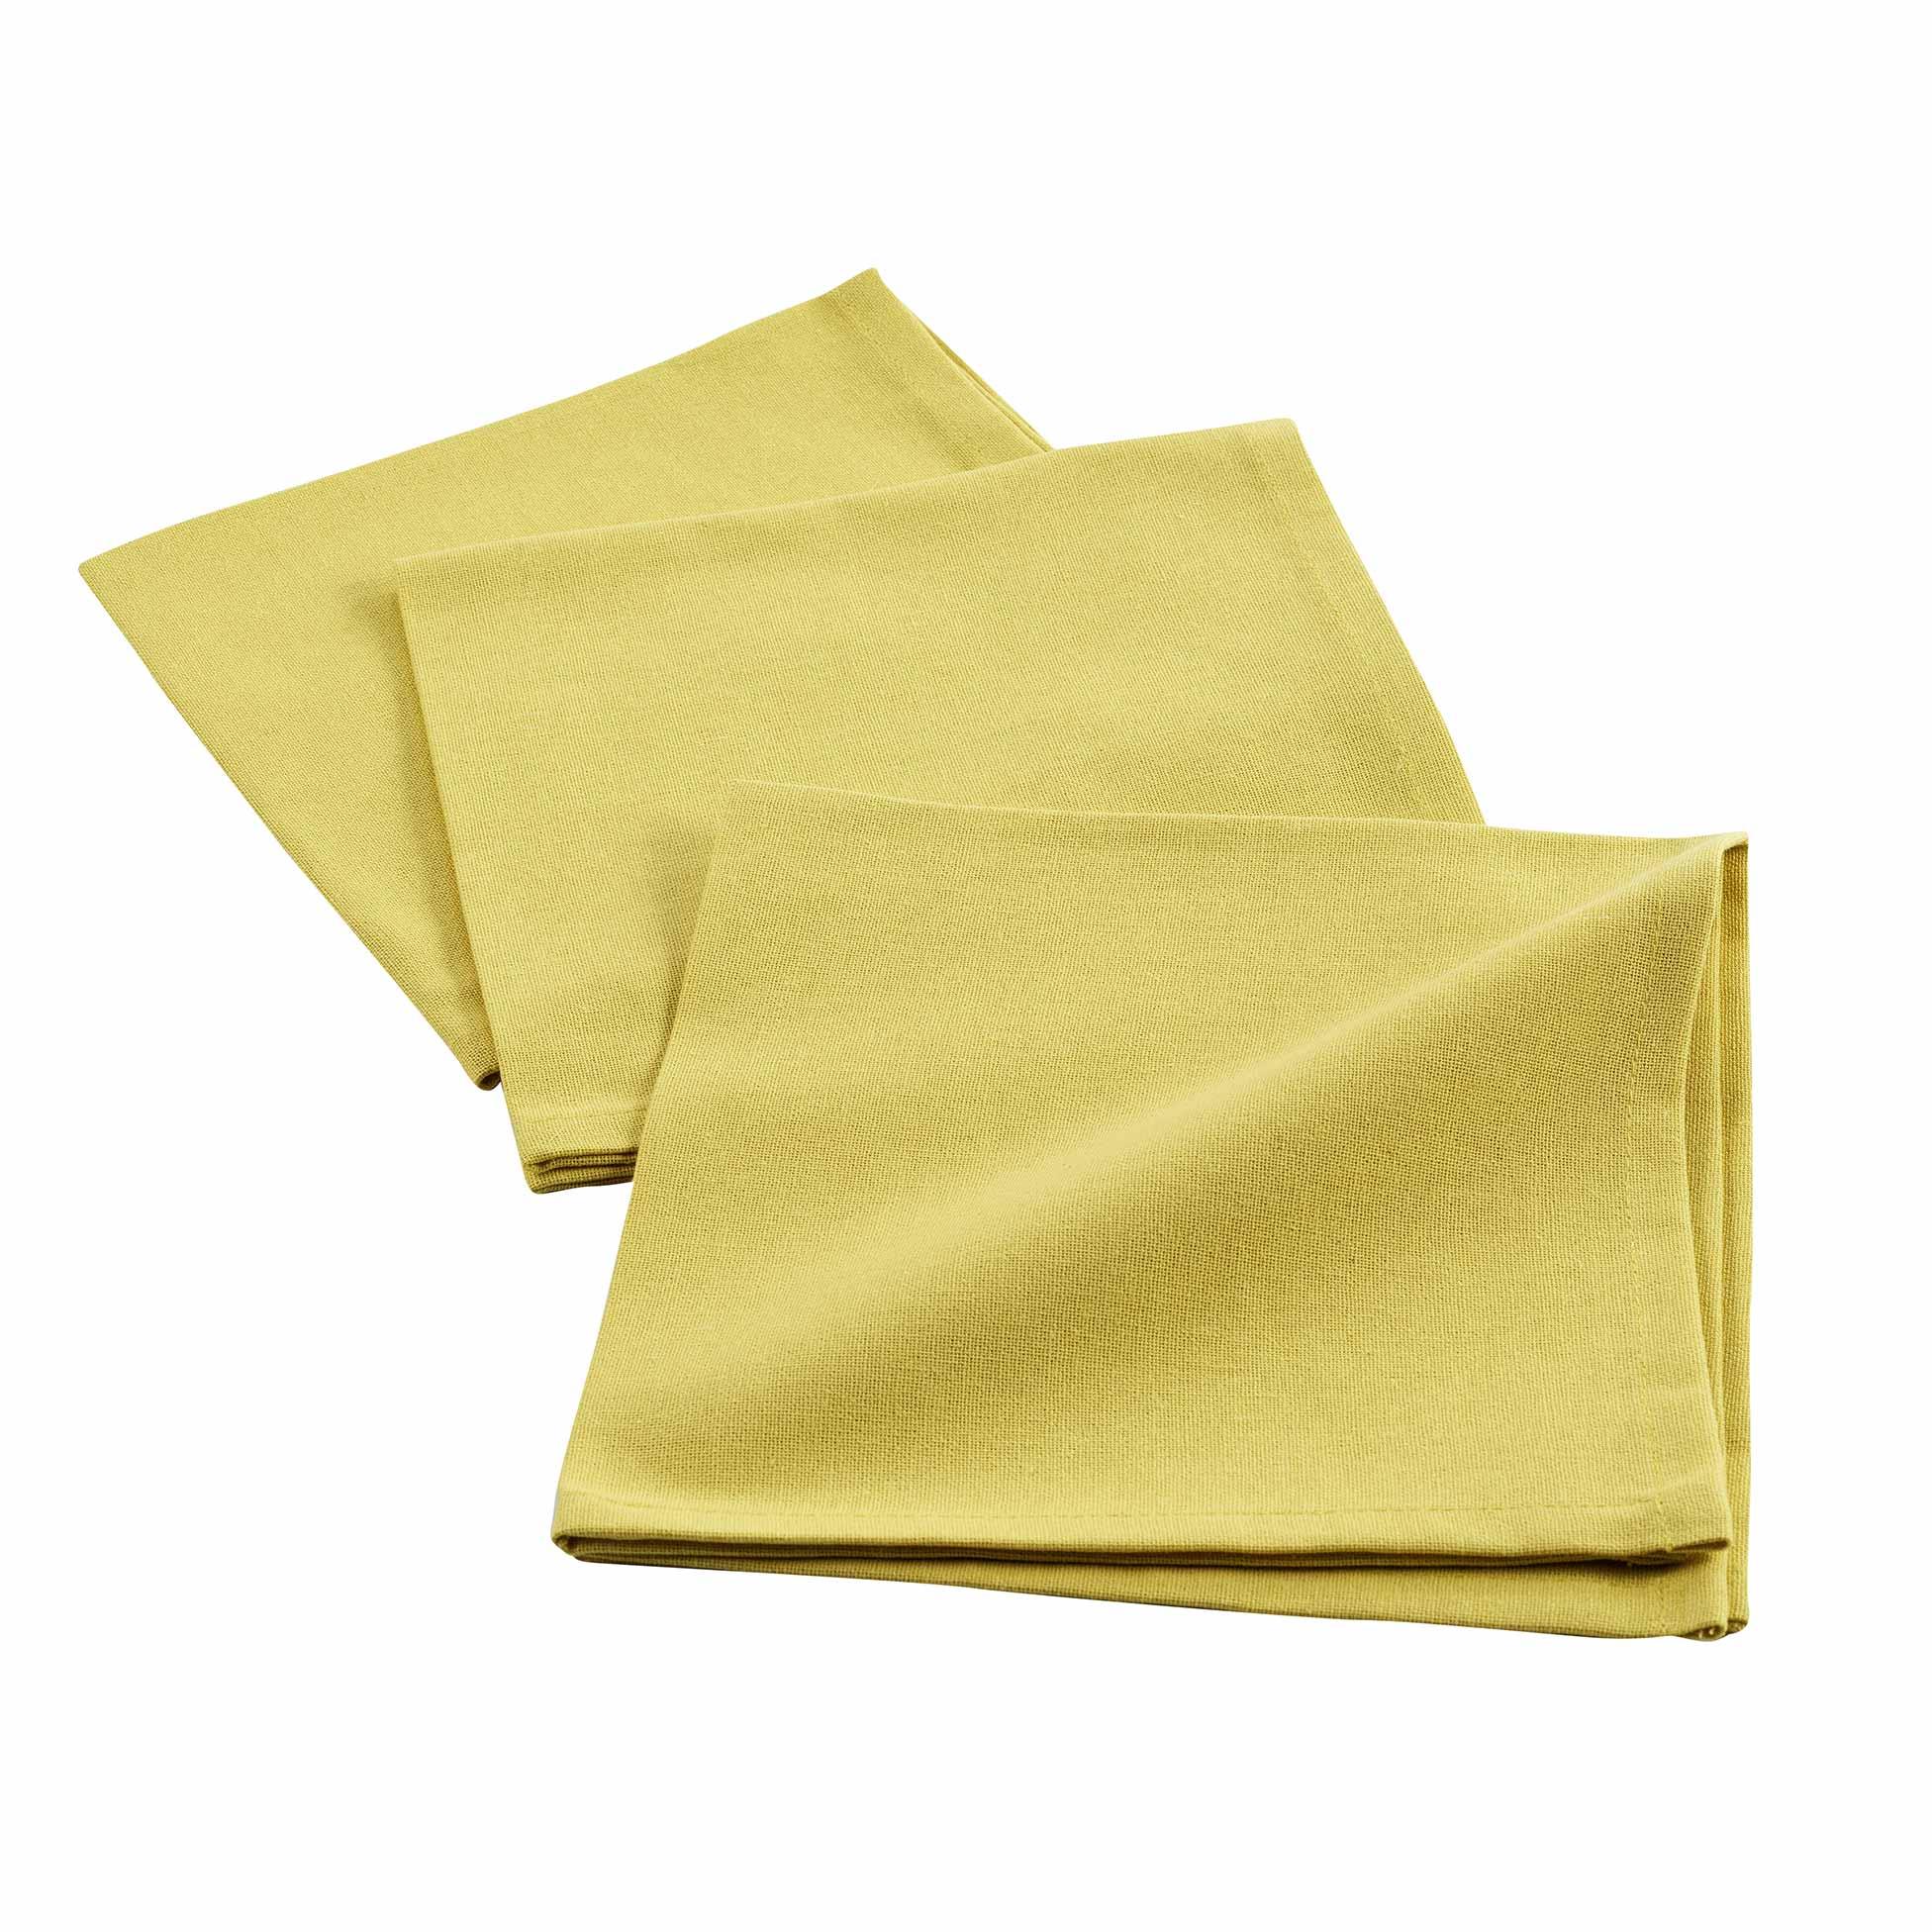 3 serviettes de tables unies coton jaune 40x40